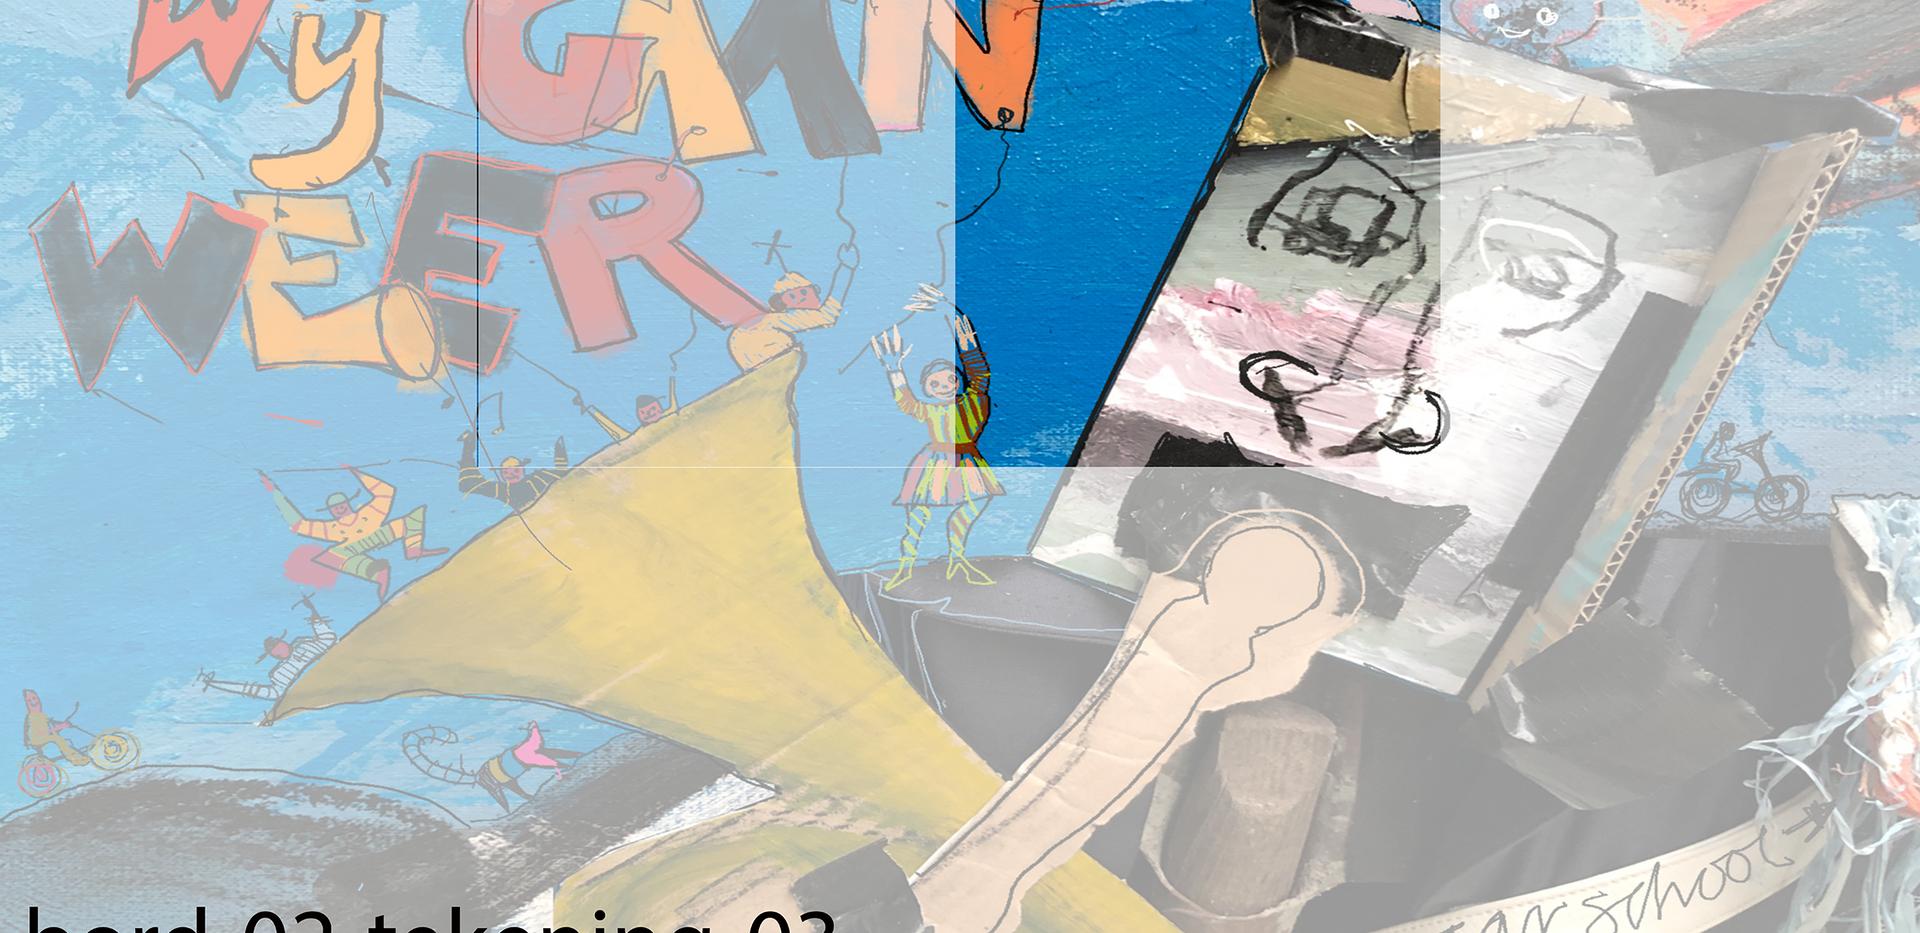 bord-02-tekening-03.png